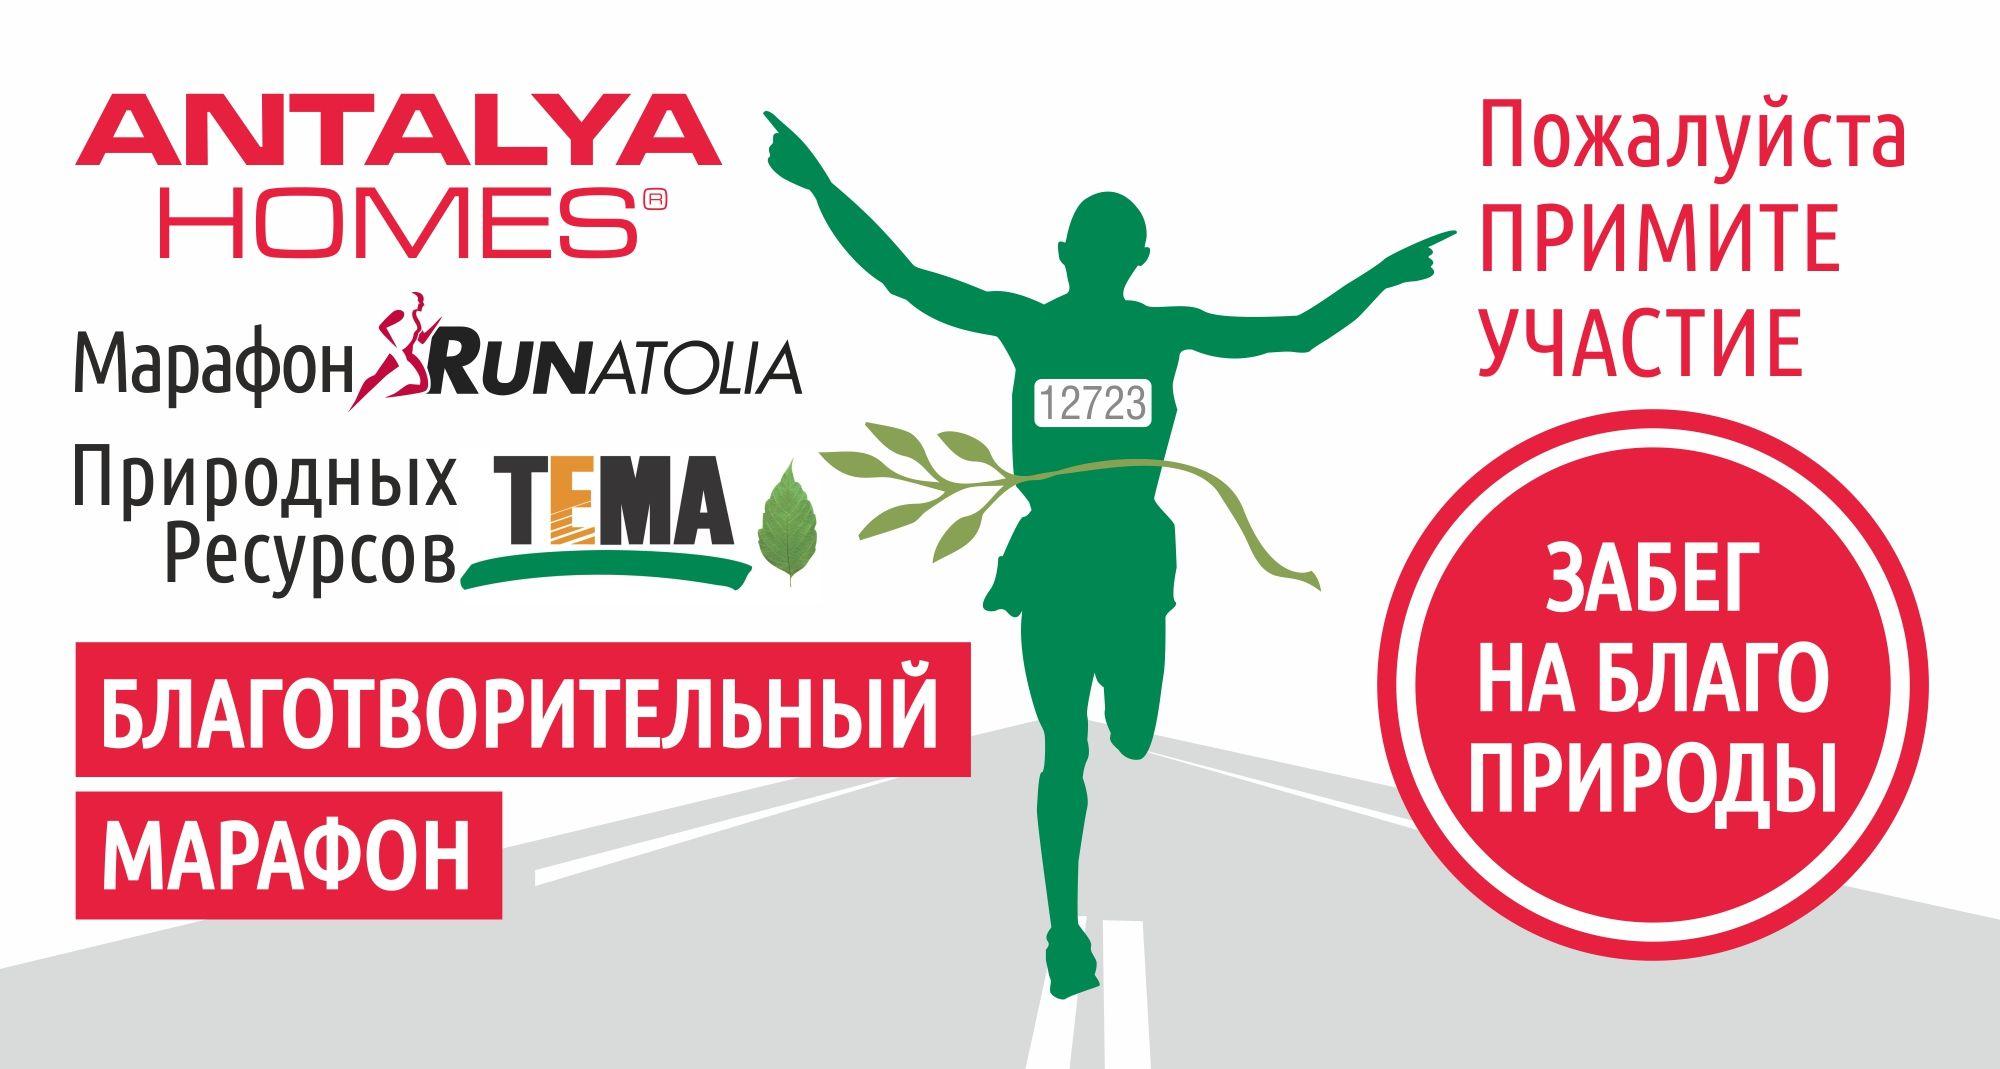 Antalya Homes присоединилась к 13 по счету благотворительному Марафону Фонда ТЕМА, который состоится 4 Марта.